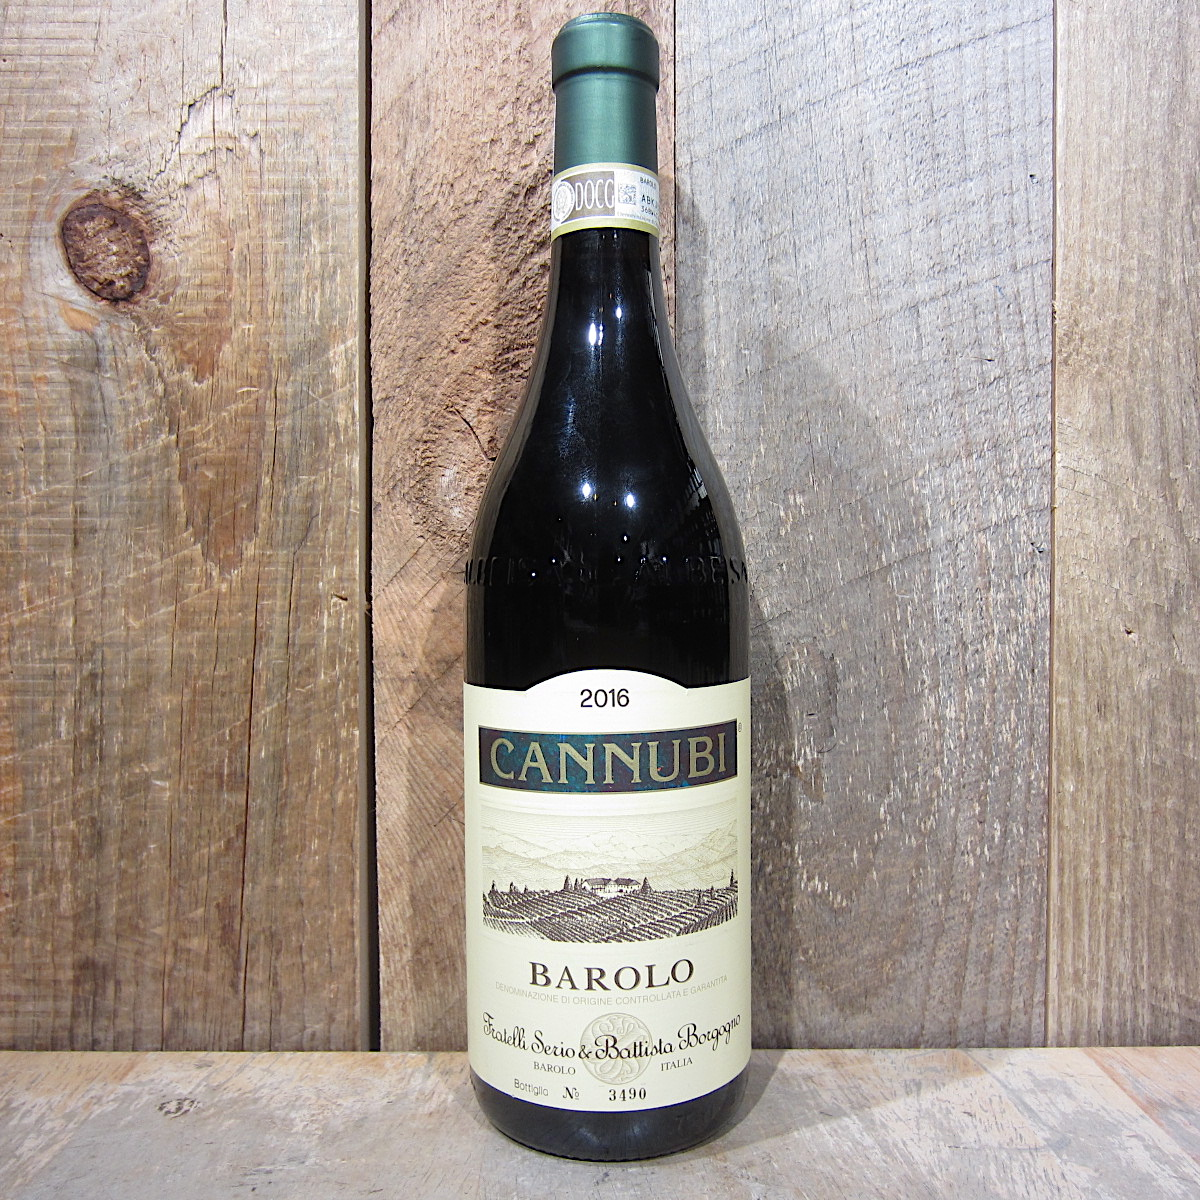 Serio e Battista Borgogno Cannubi Barolo 2016 750ml